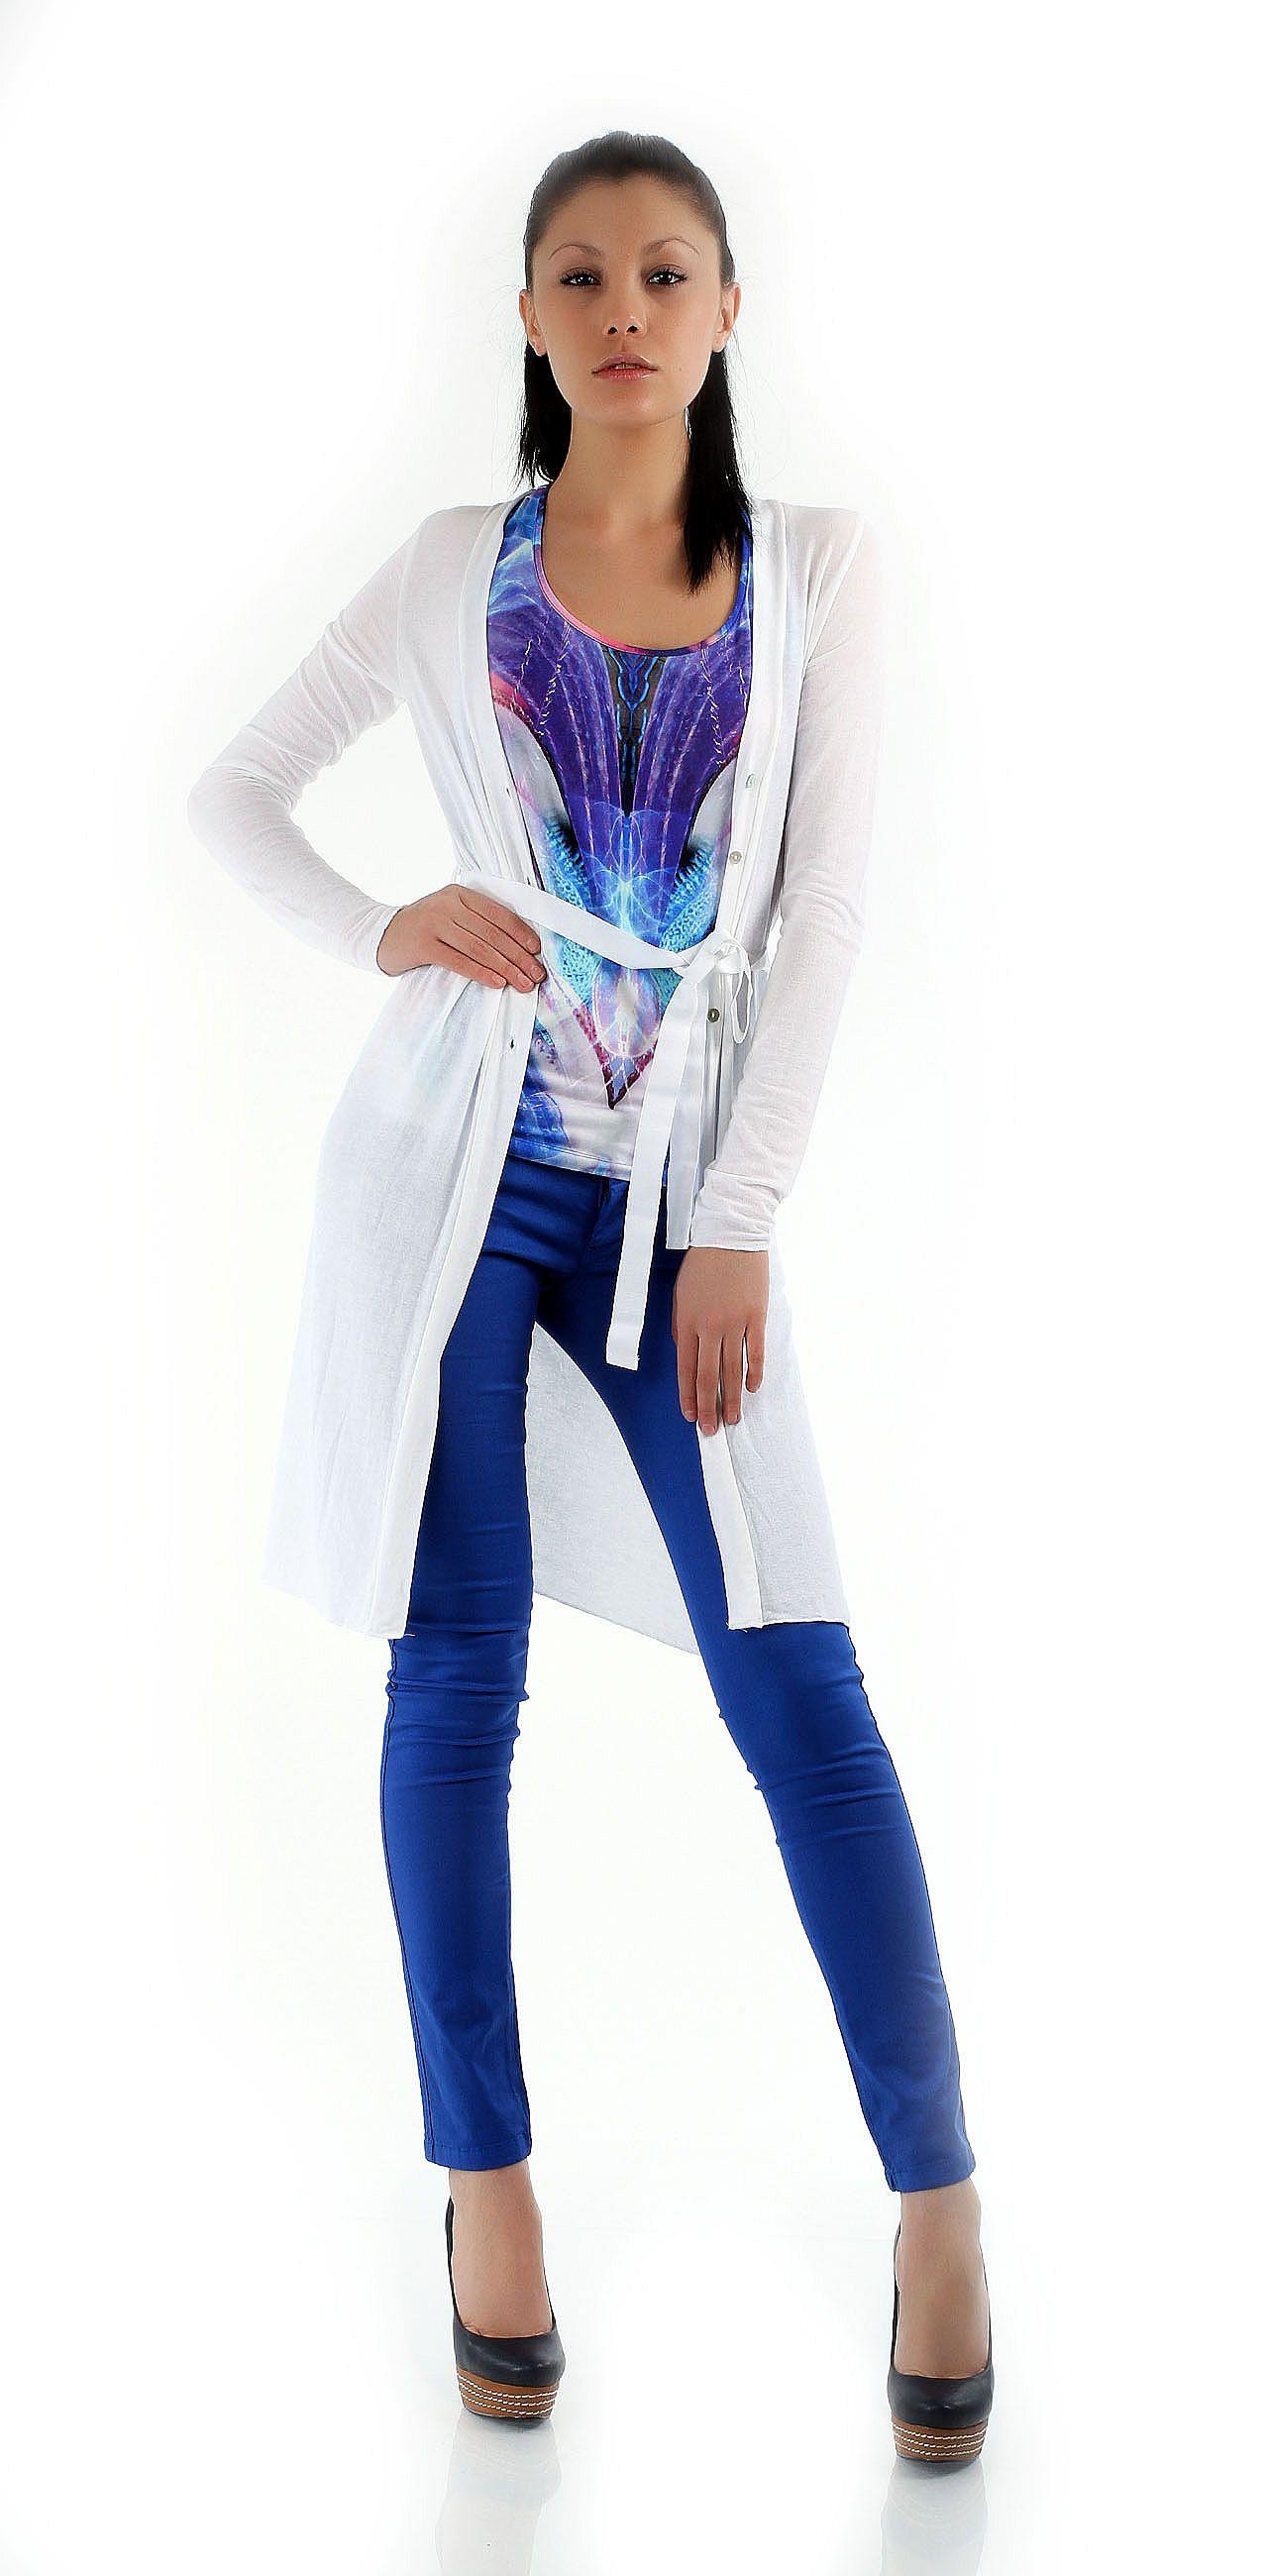 Гипюровая юбка с принтом розы Berkertex цена 169 грн